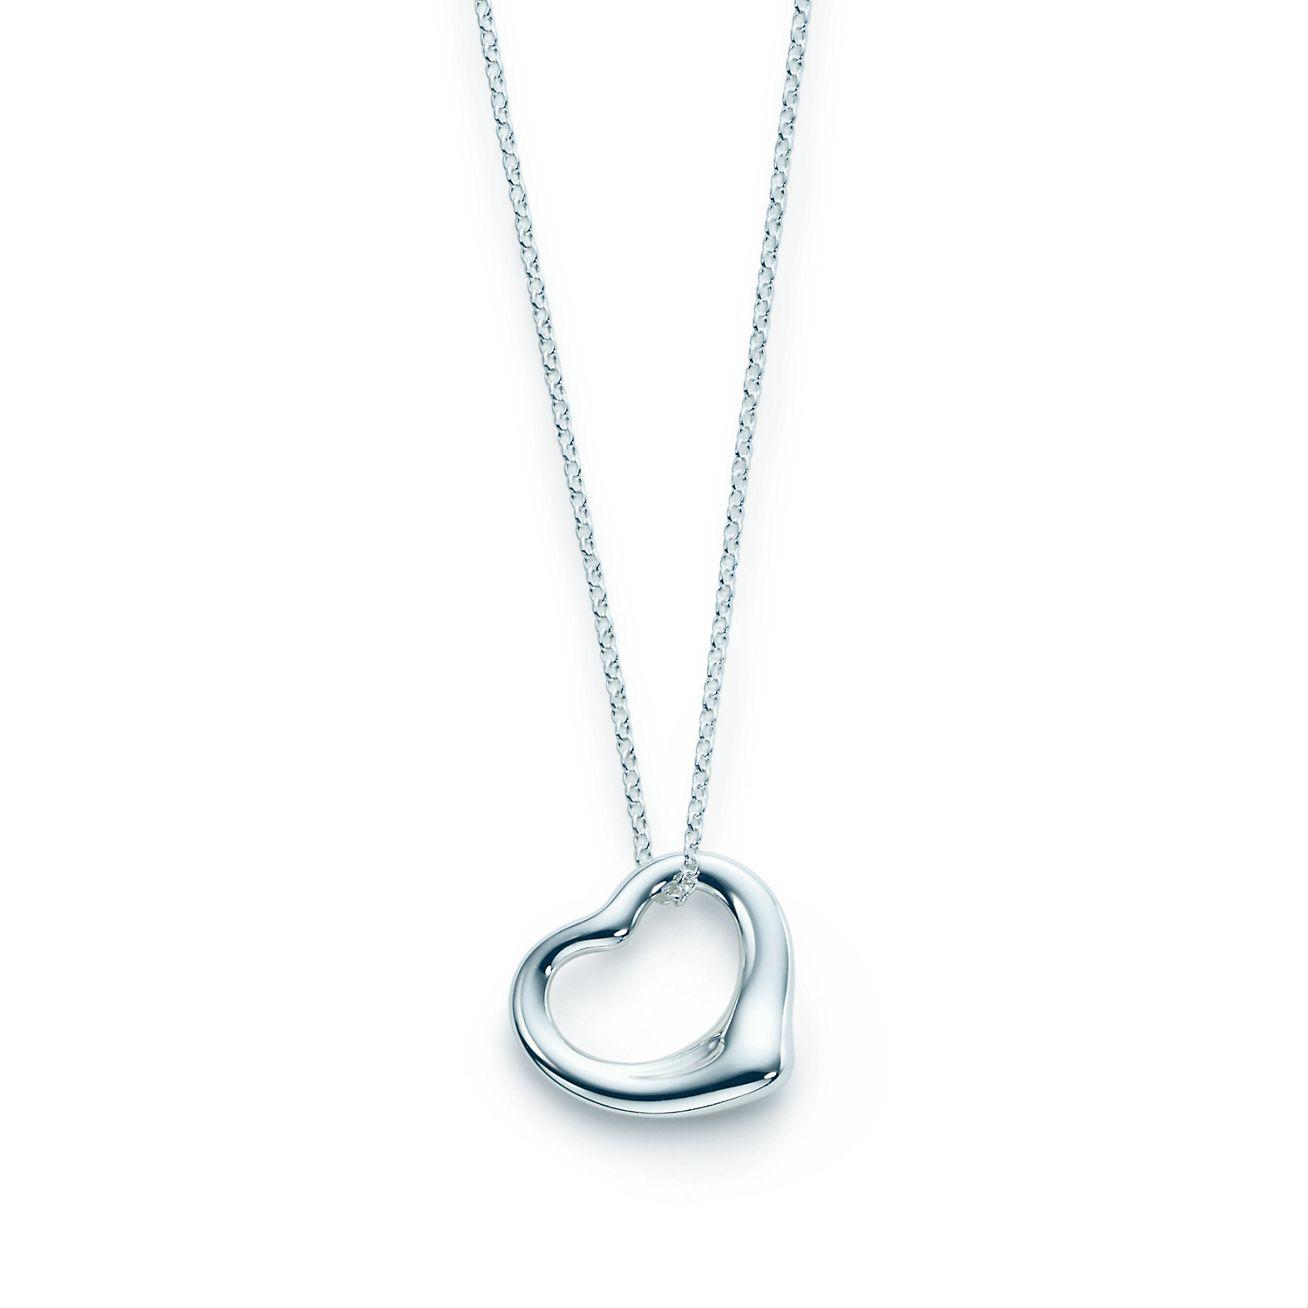 Elsa peretti open heart pendant in sterling silver tiffany co elsa perettiopen heart pendant aloadofball Gallery